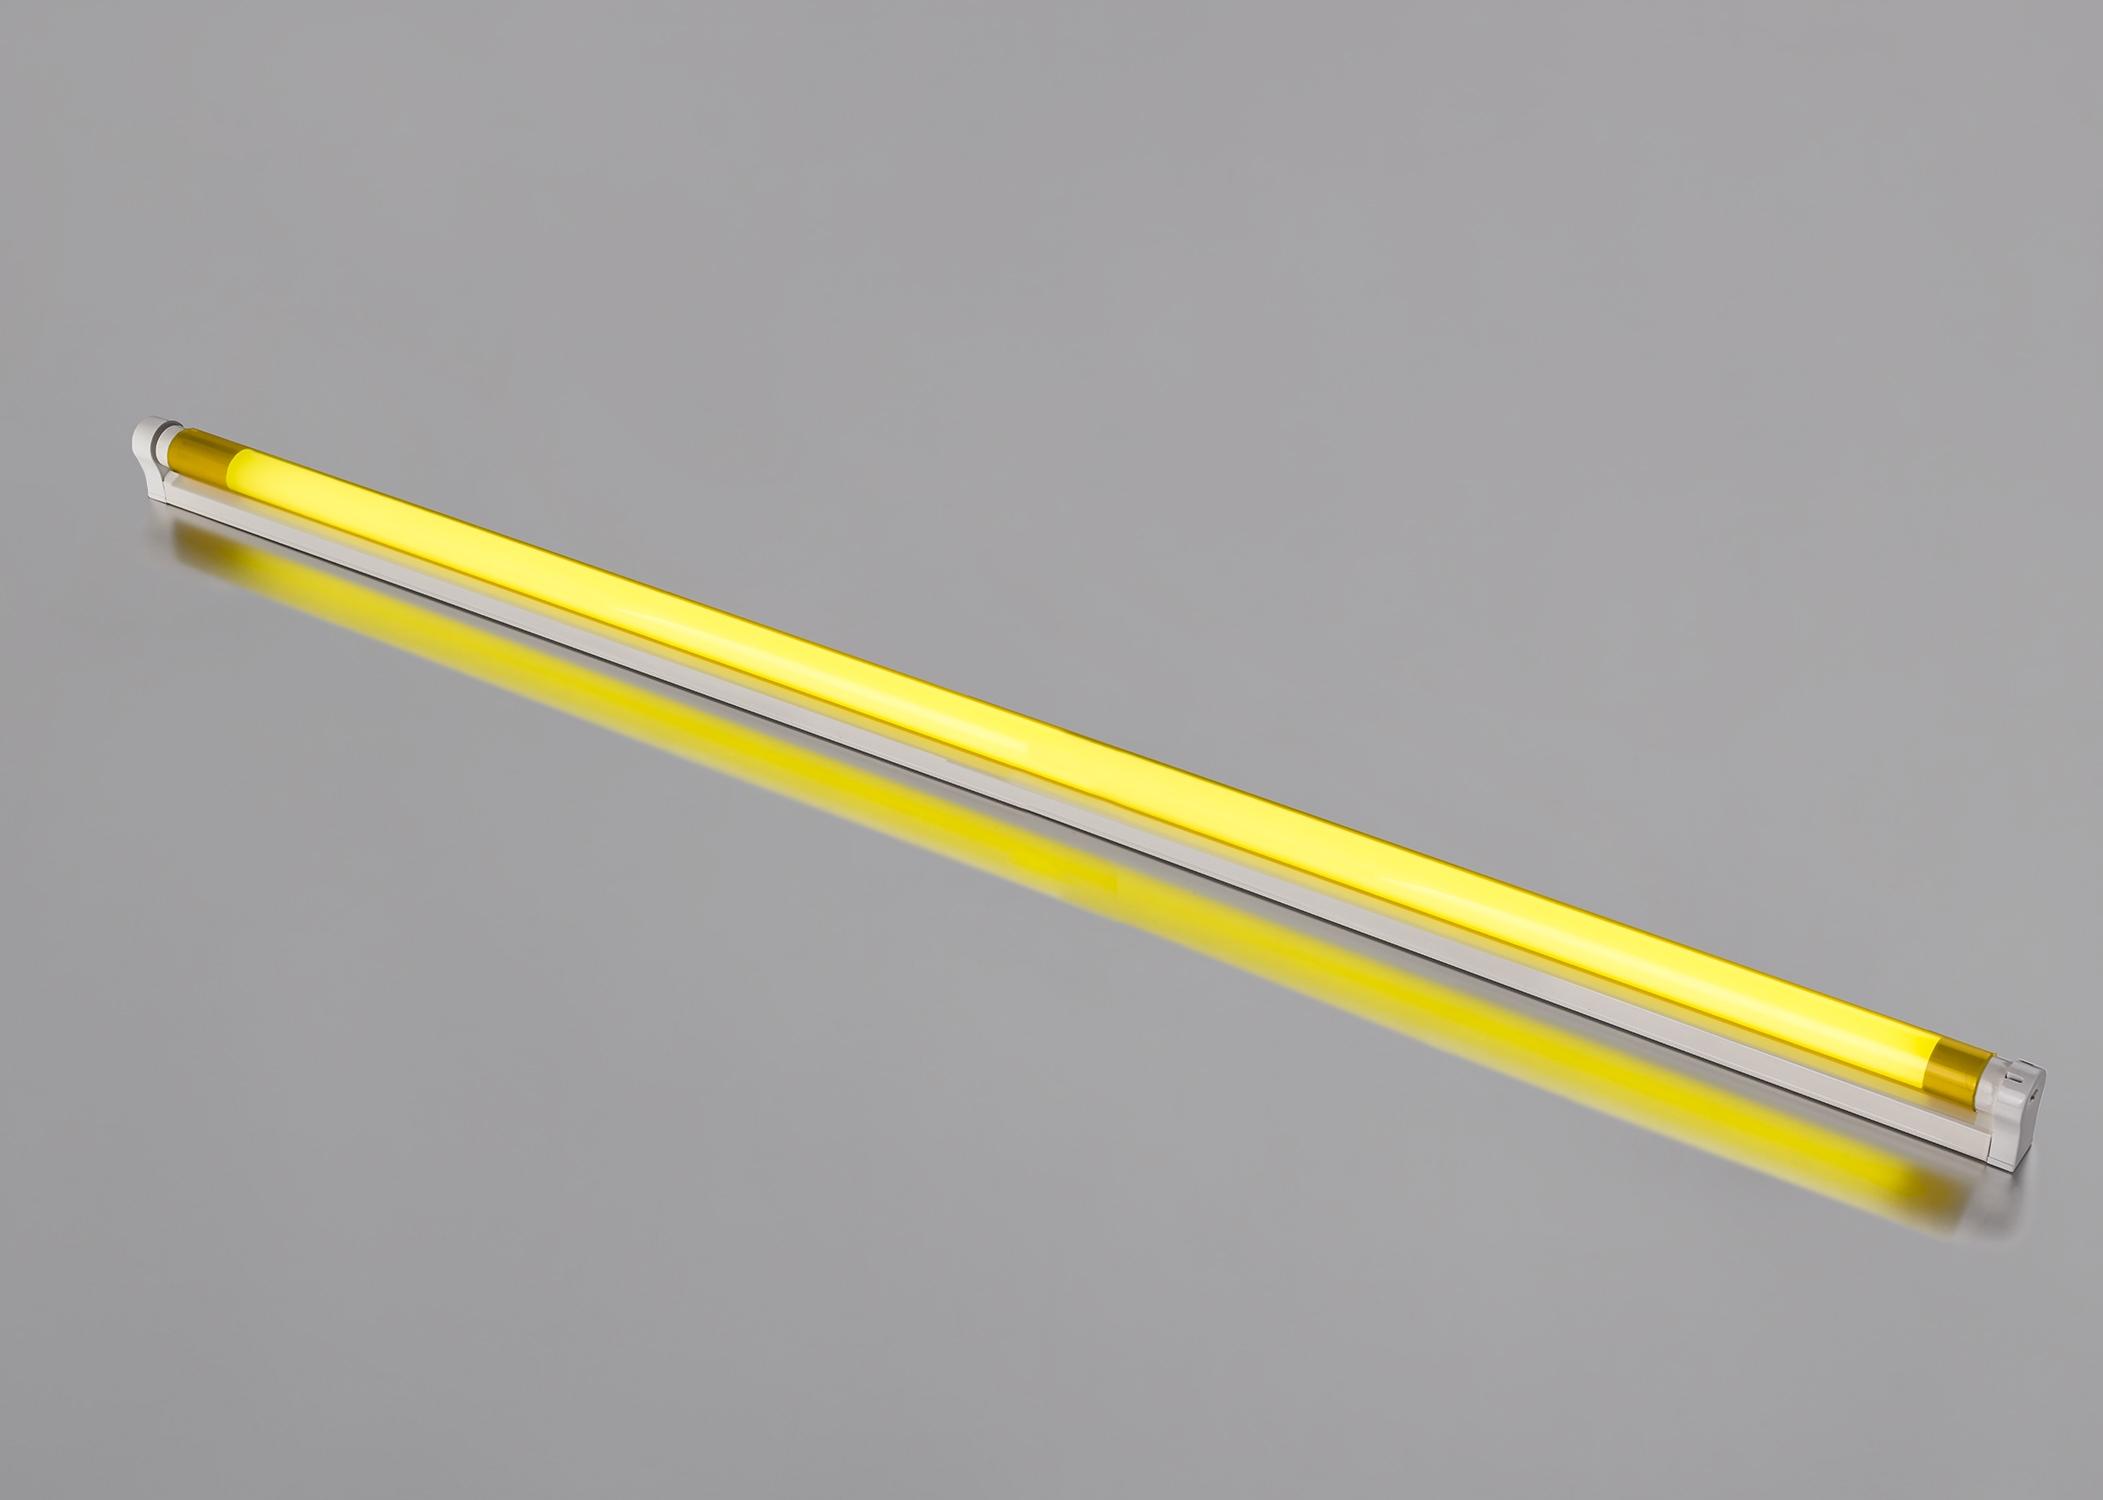 Bra LED Armatur mit 1,20 m farbige LED Röhre 18 Watt 1800 Lumen gelb VV-27